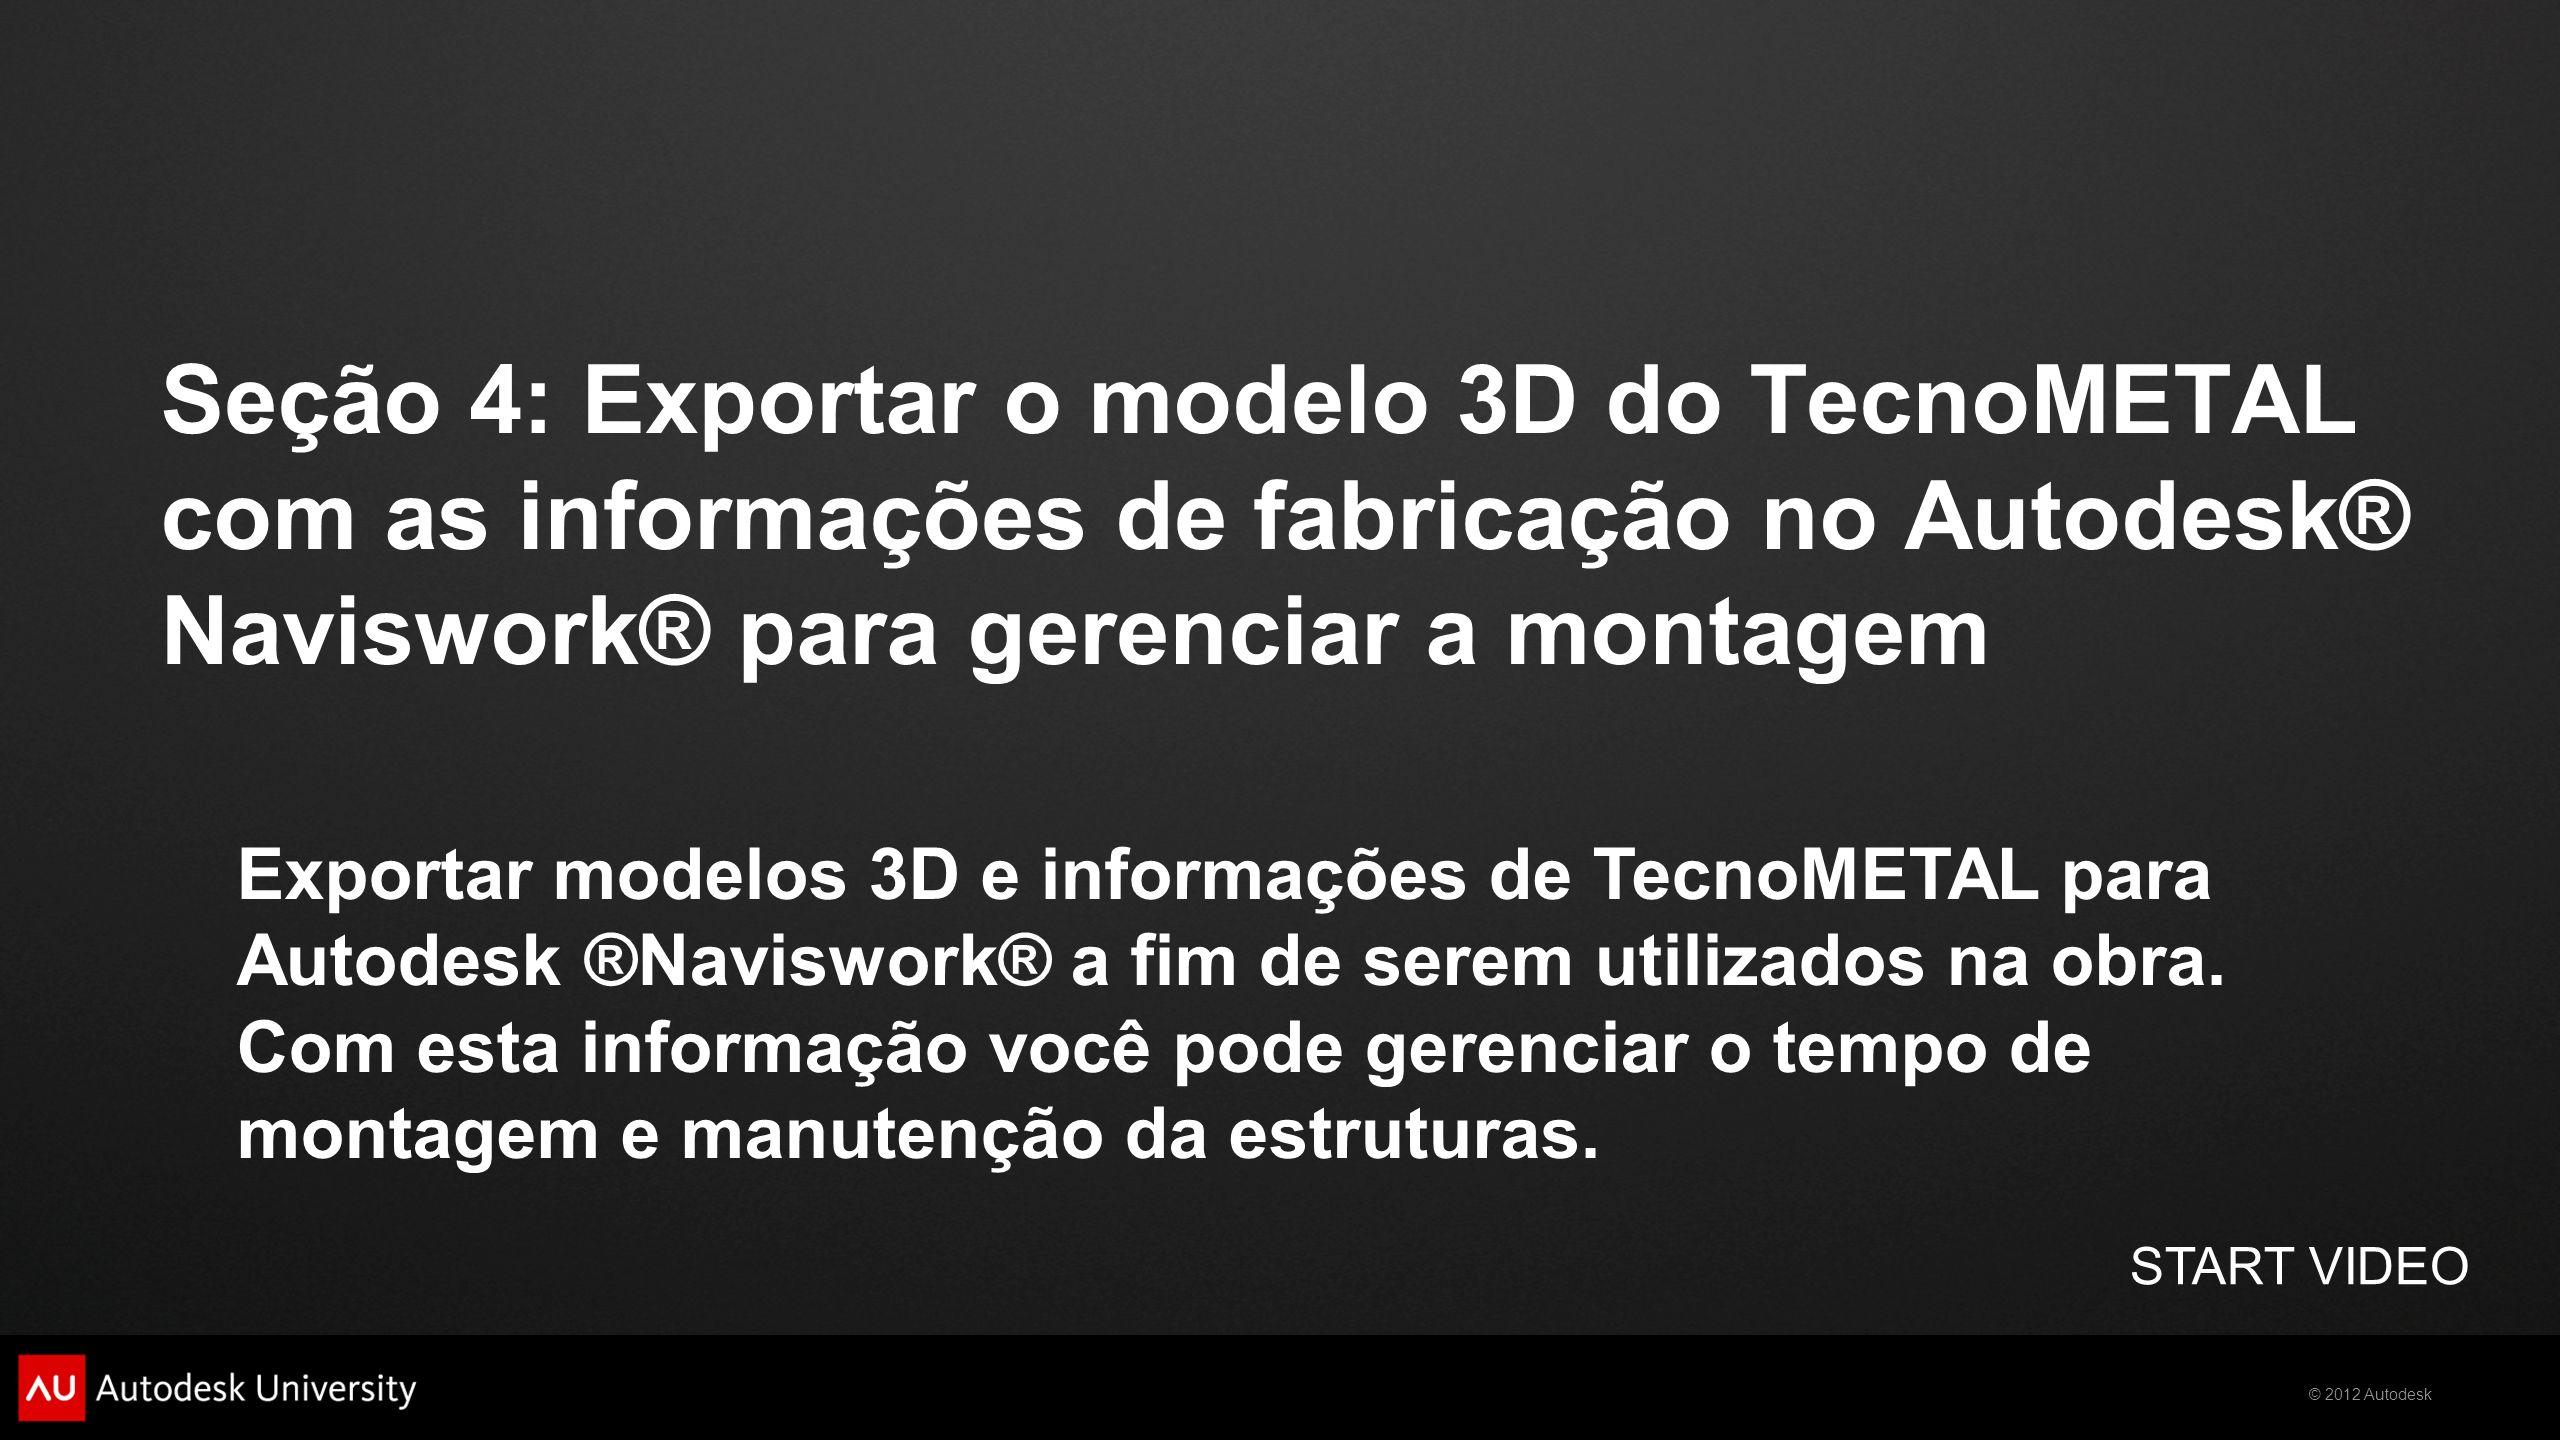 Seção 4: Exportar o modelo 3D do TecnoMETAL com as informações de fabricação no Autodesk® Naviswork® para gerenciar a montagem